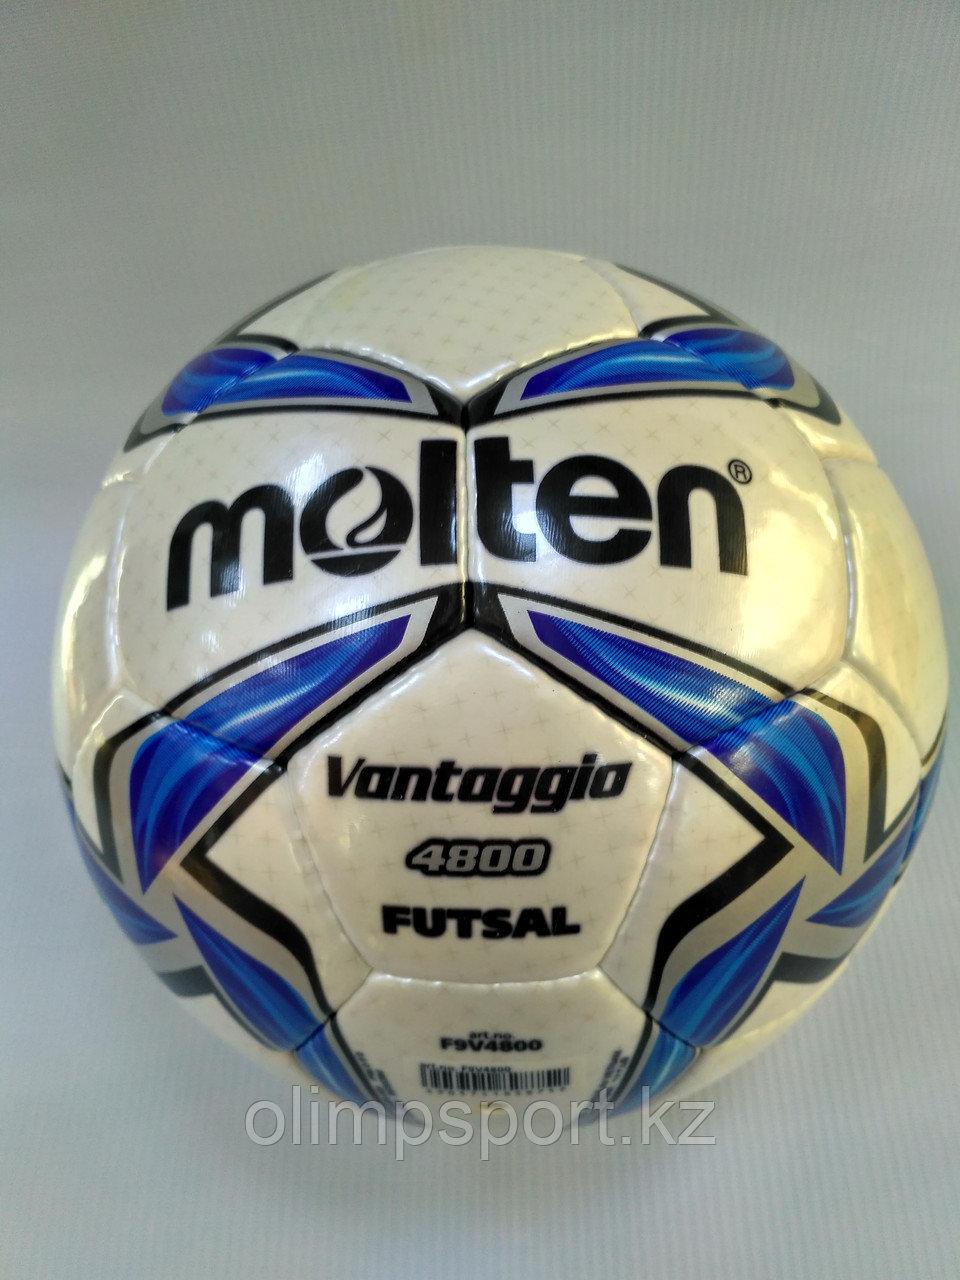 Мяч футзальный (мини футбол) Molten 4800